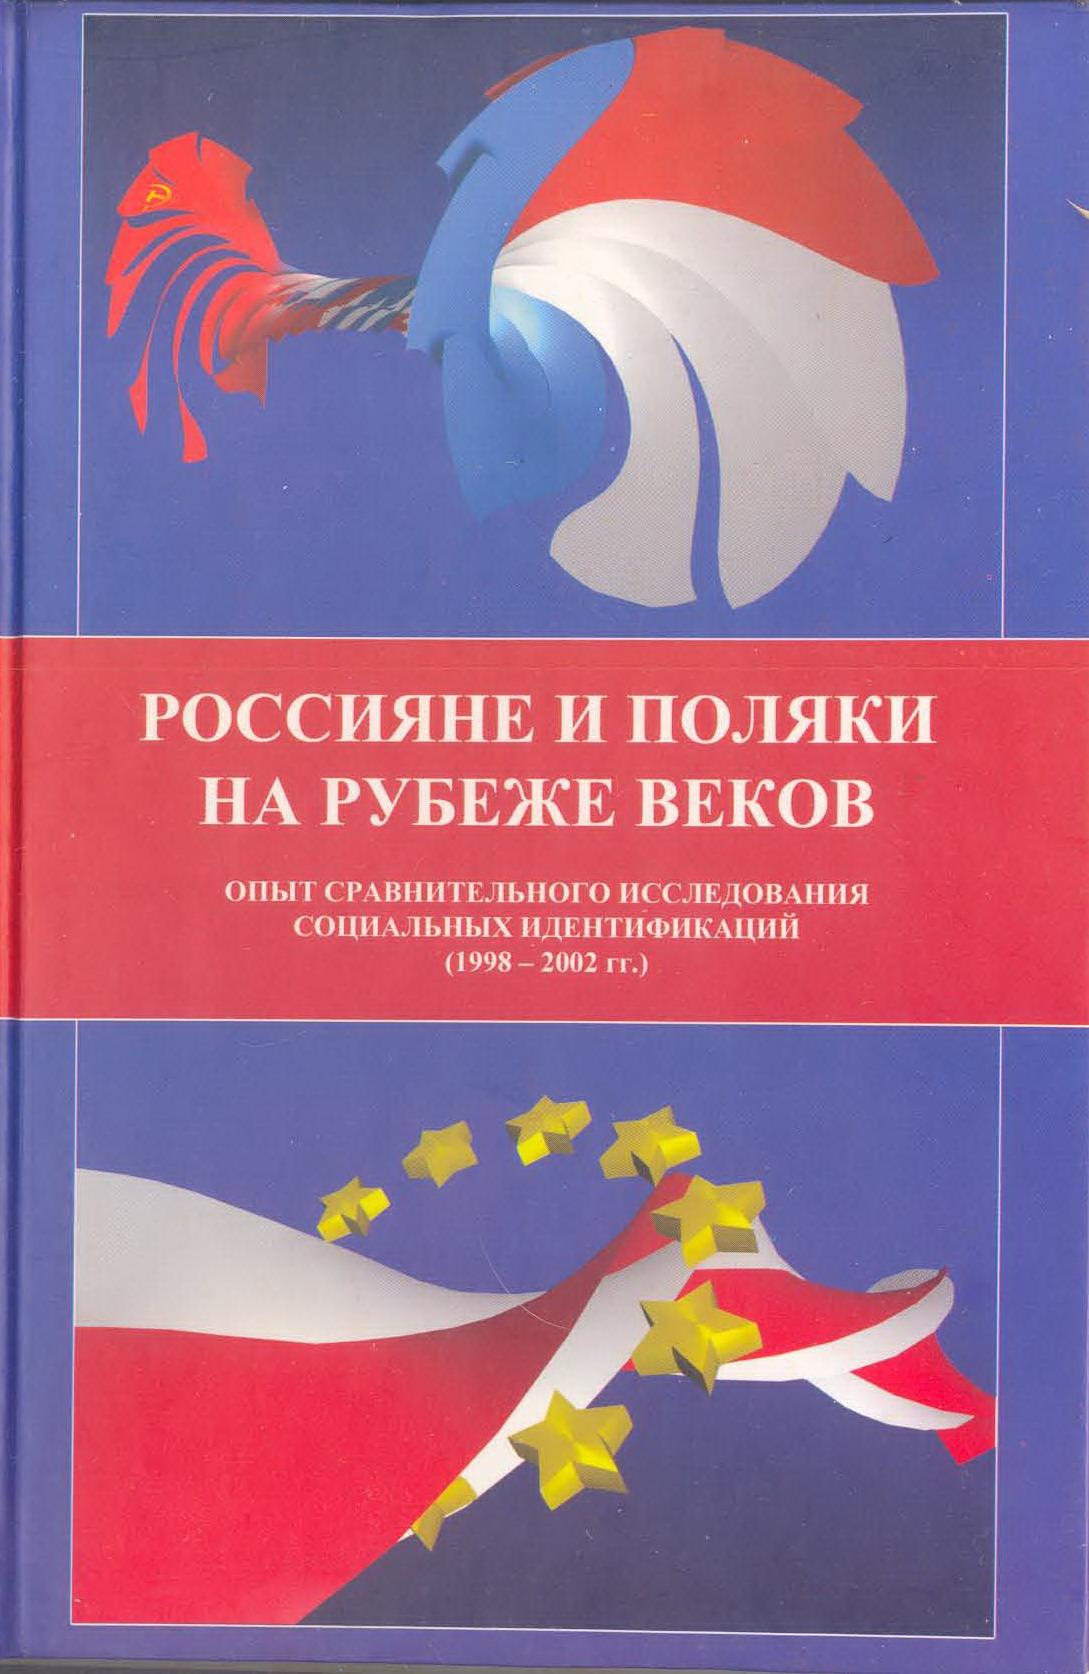 Идентификации с социально-структурными общностями в России и Польше